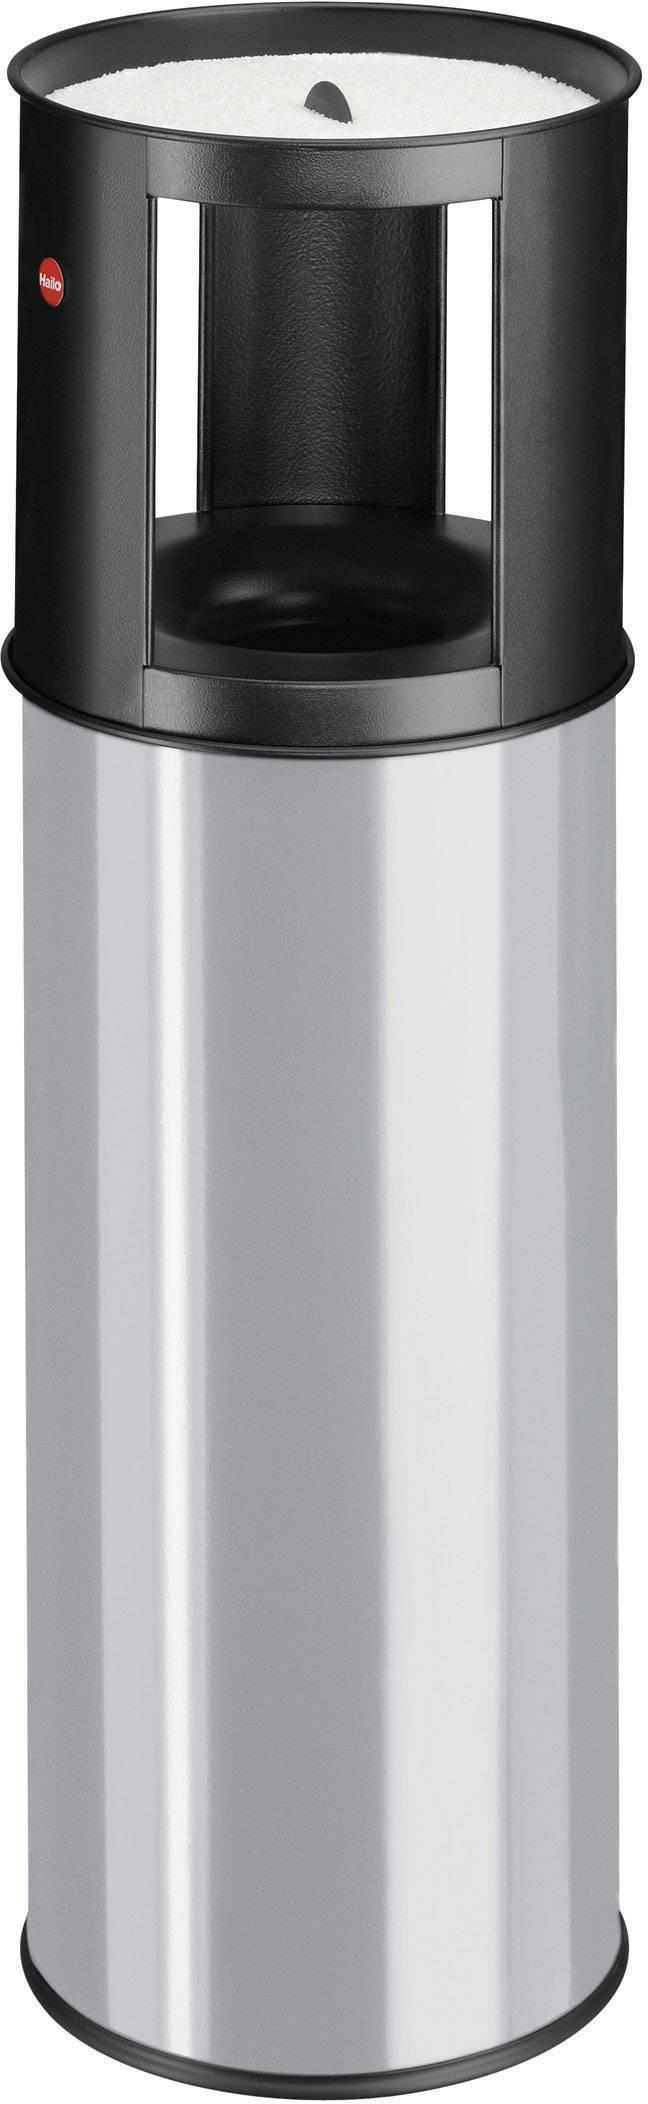 N/A s popelníkem Hailo ProfiLine care L, 800 mm, Vnější Ø 260 mm, 25 l, stříbrnošedá